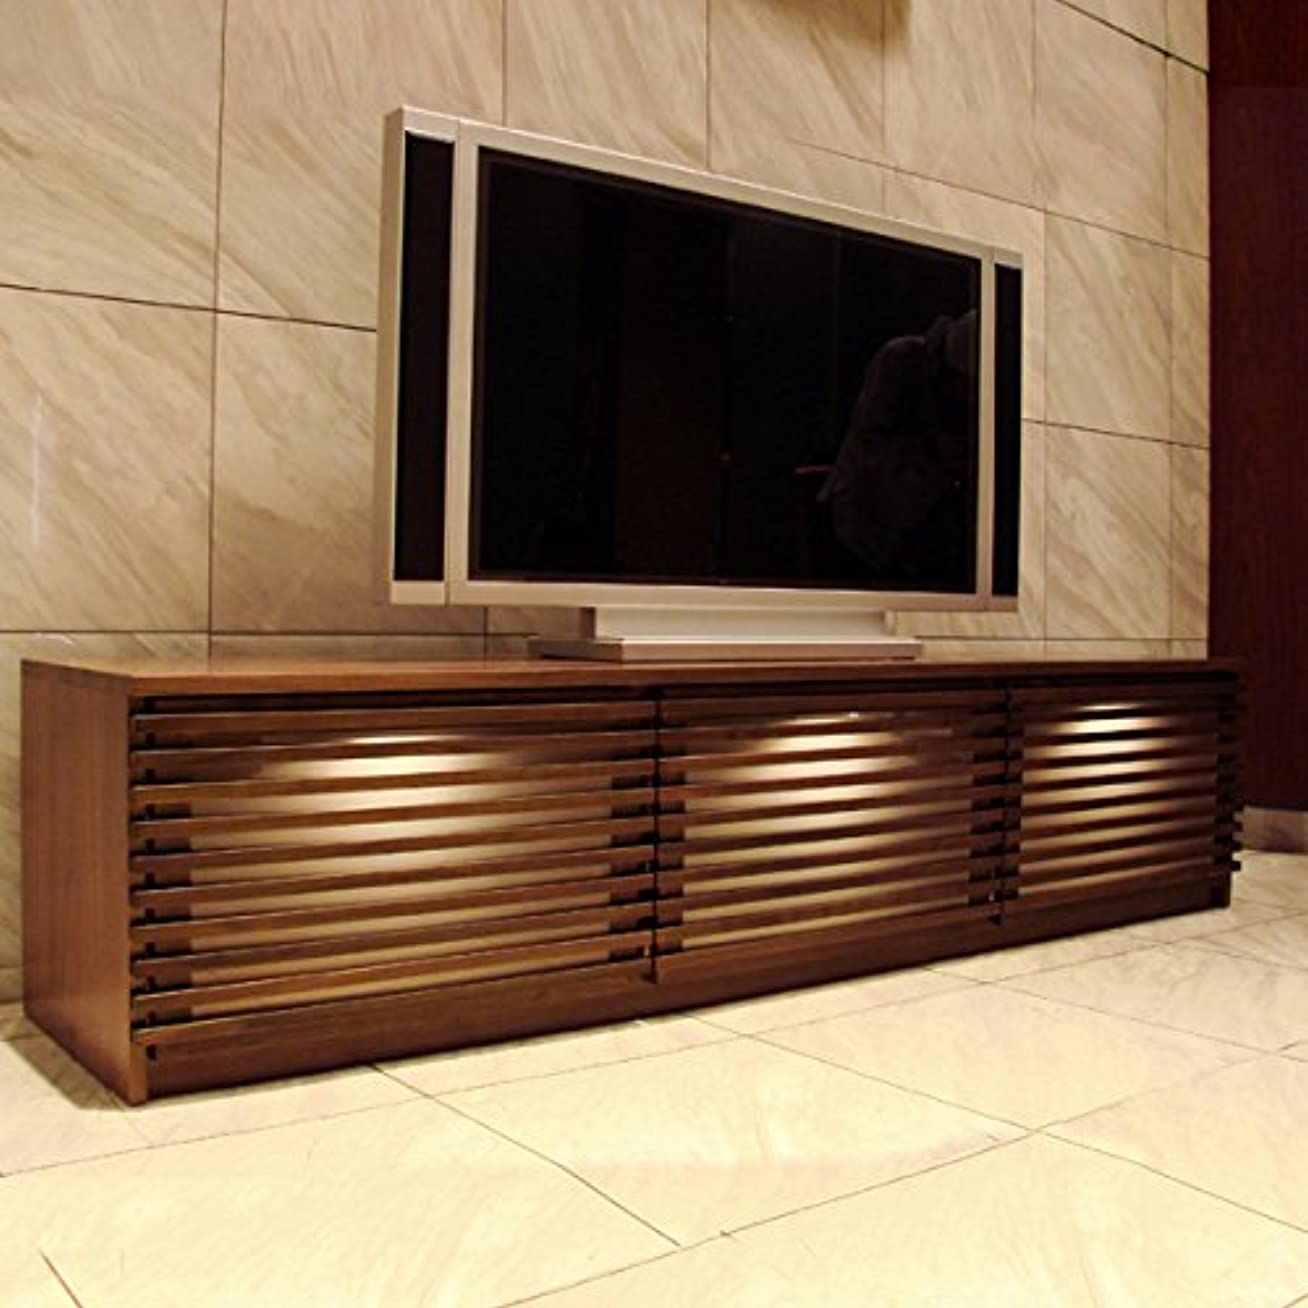 世論調査リム羊JJ 幅200cm テレビ台 tv台 テレビボード ハイタイプ 国産 日本製 木製 TVボード 北欧 家具 テイスト ローボード リビングボード オフィス grove 200